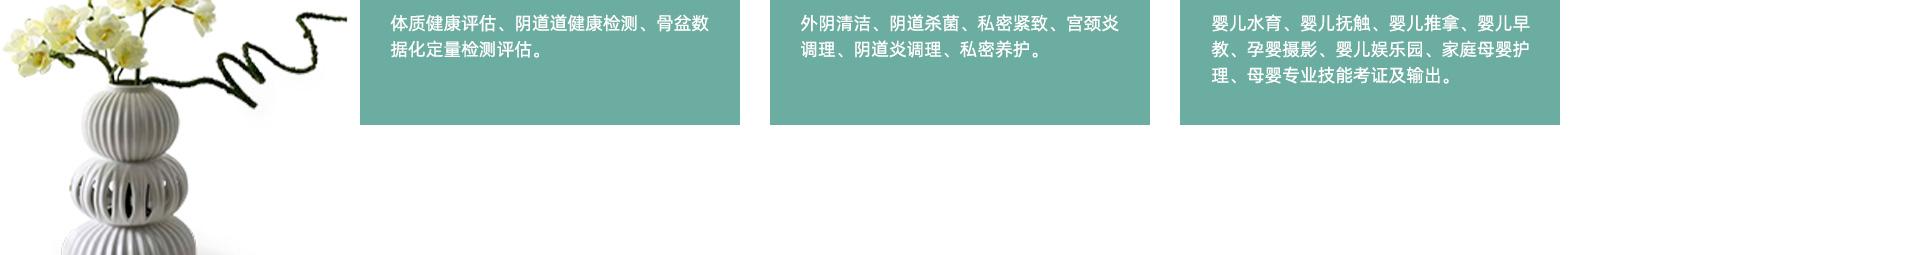 蘭馨美孕产后复龄中心详情页_11